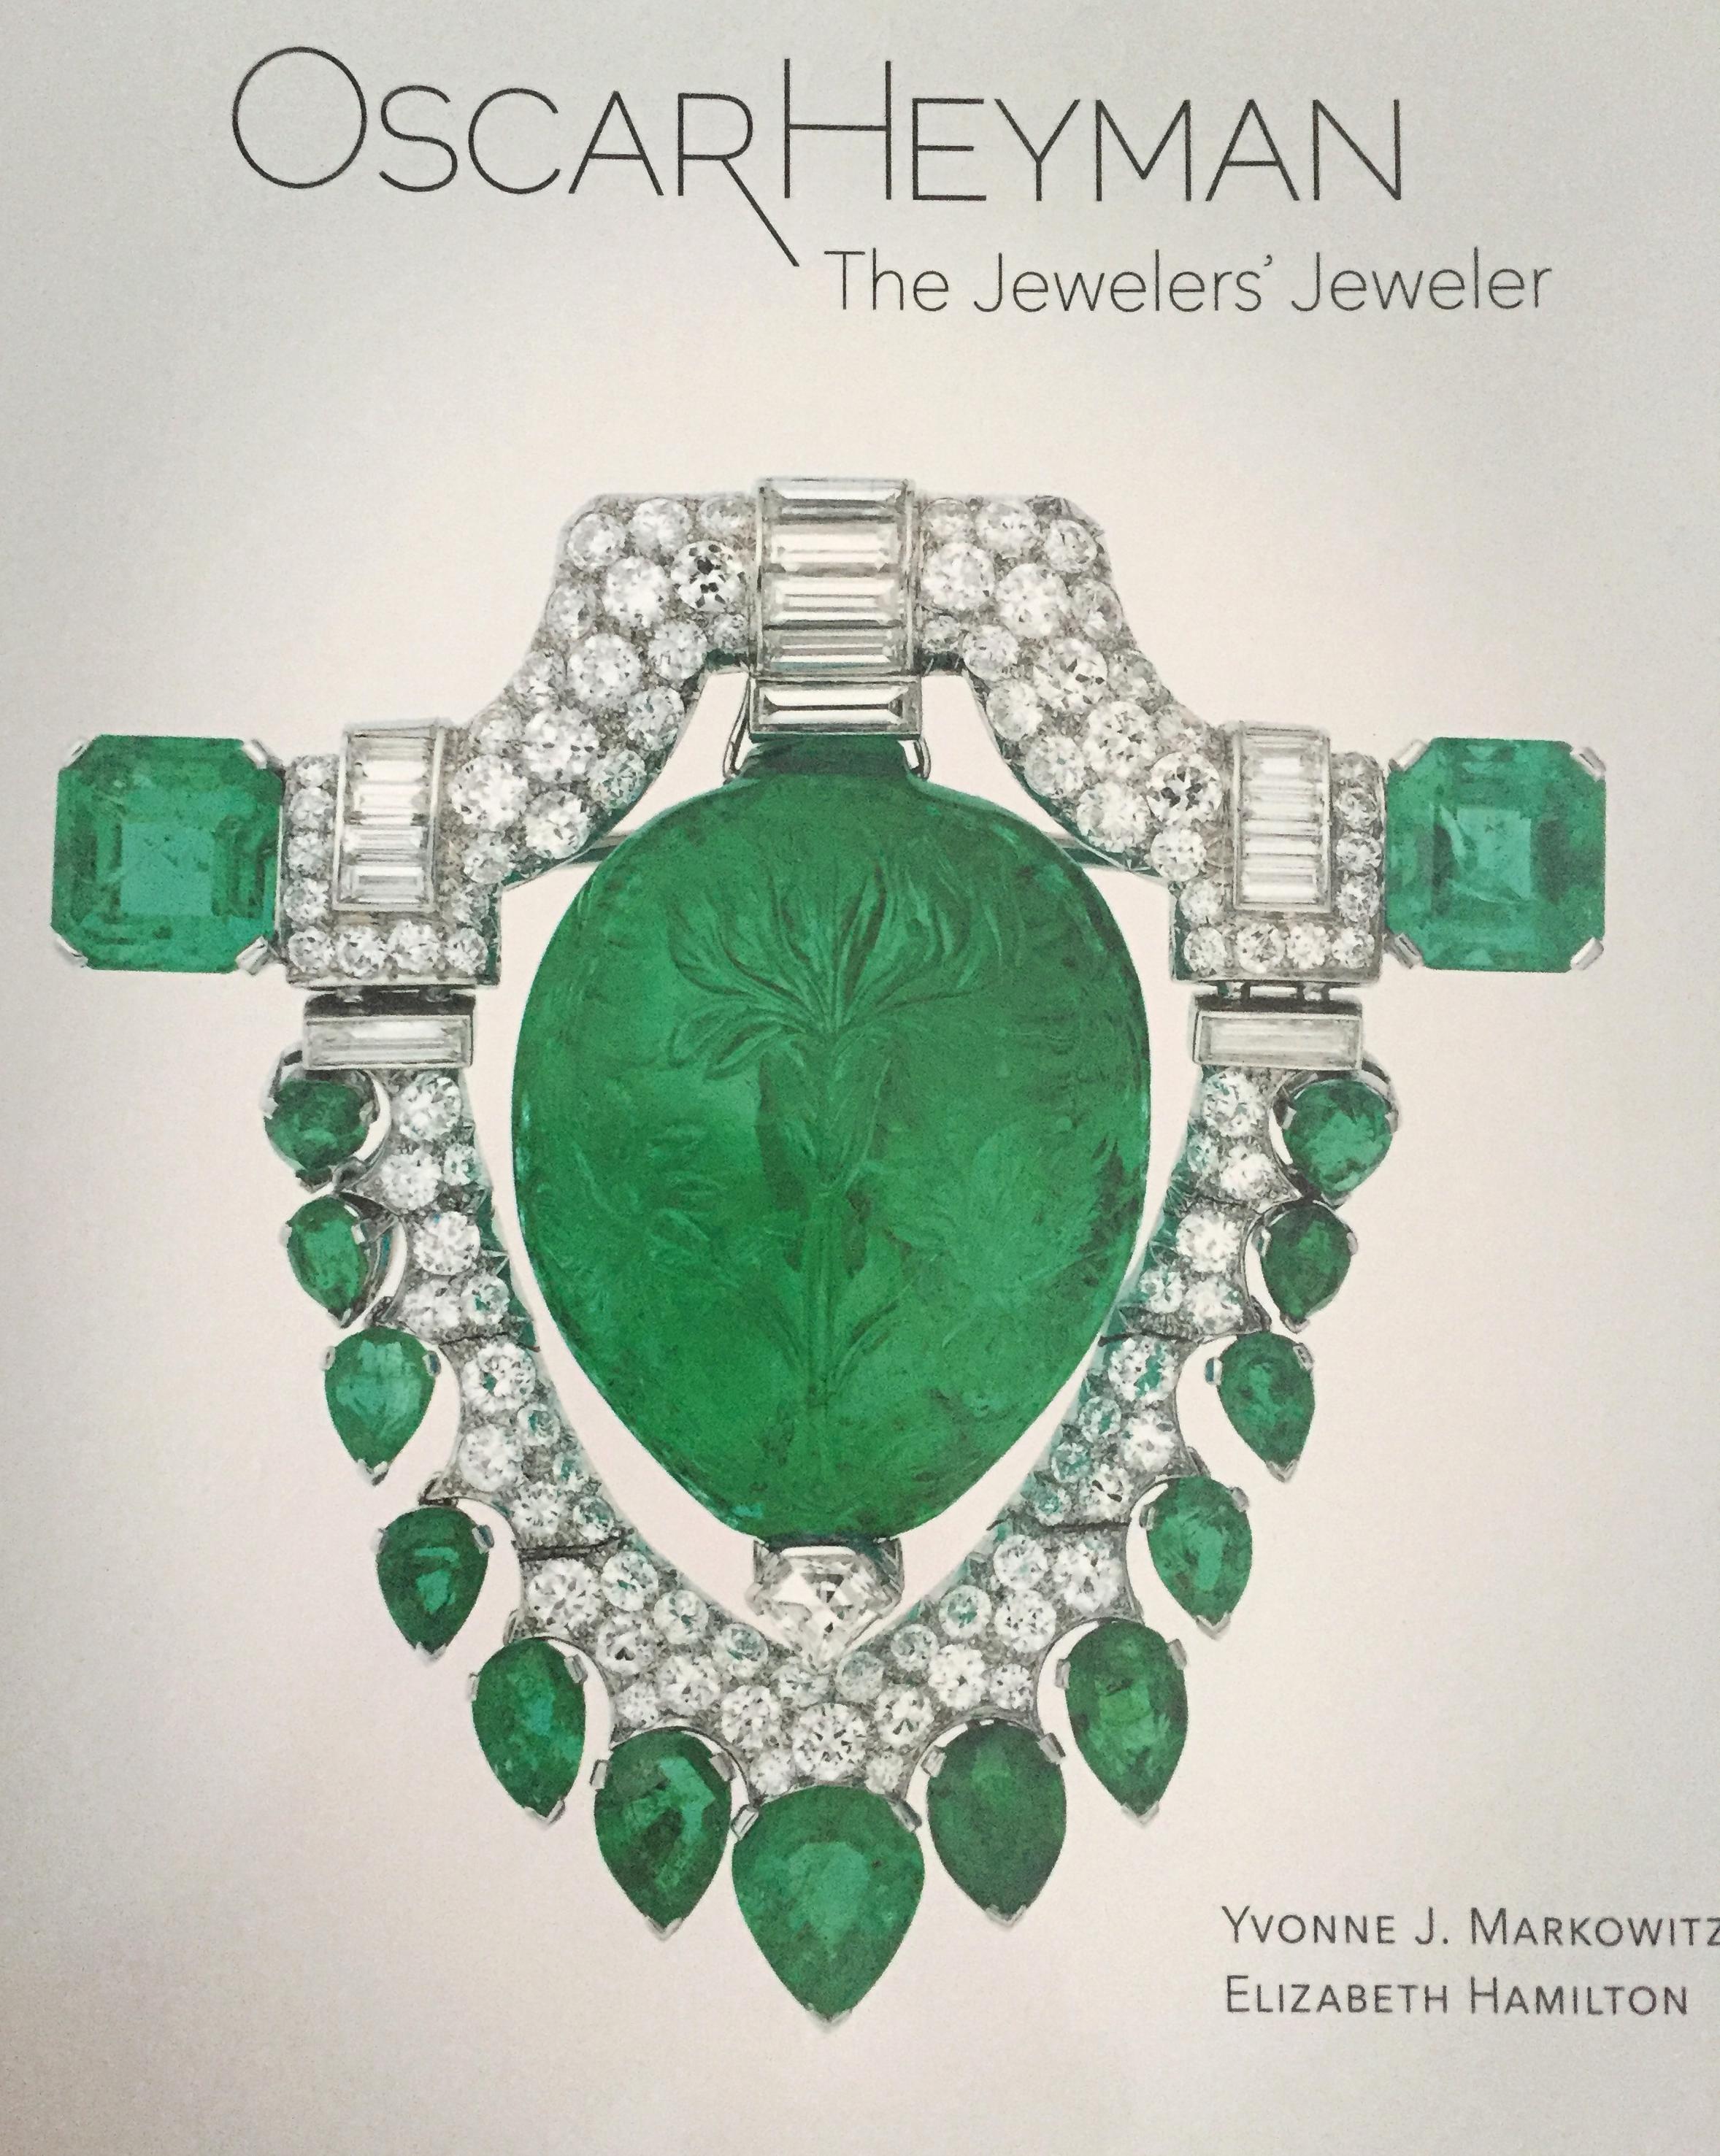 Oscar Heyman, The Jeweler's Jeweler book